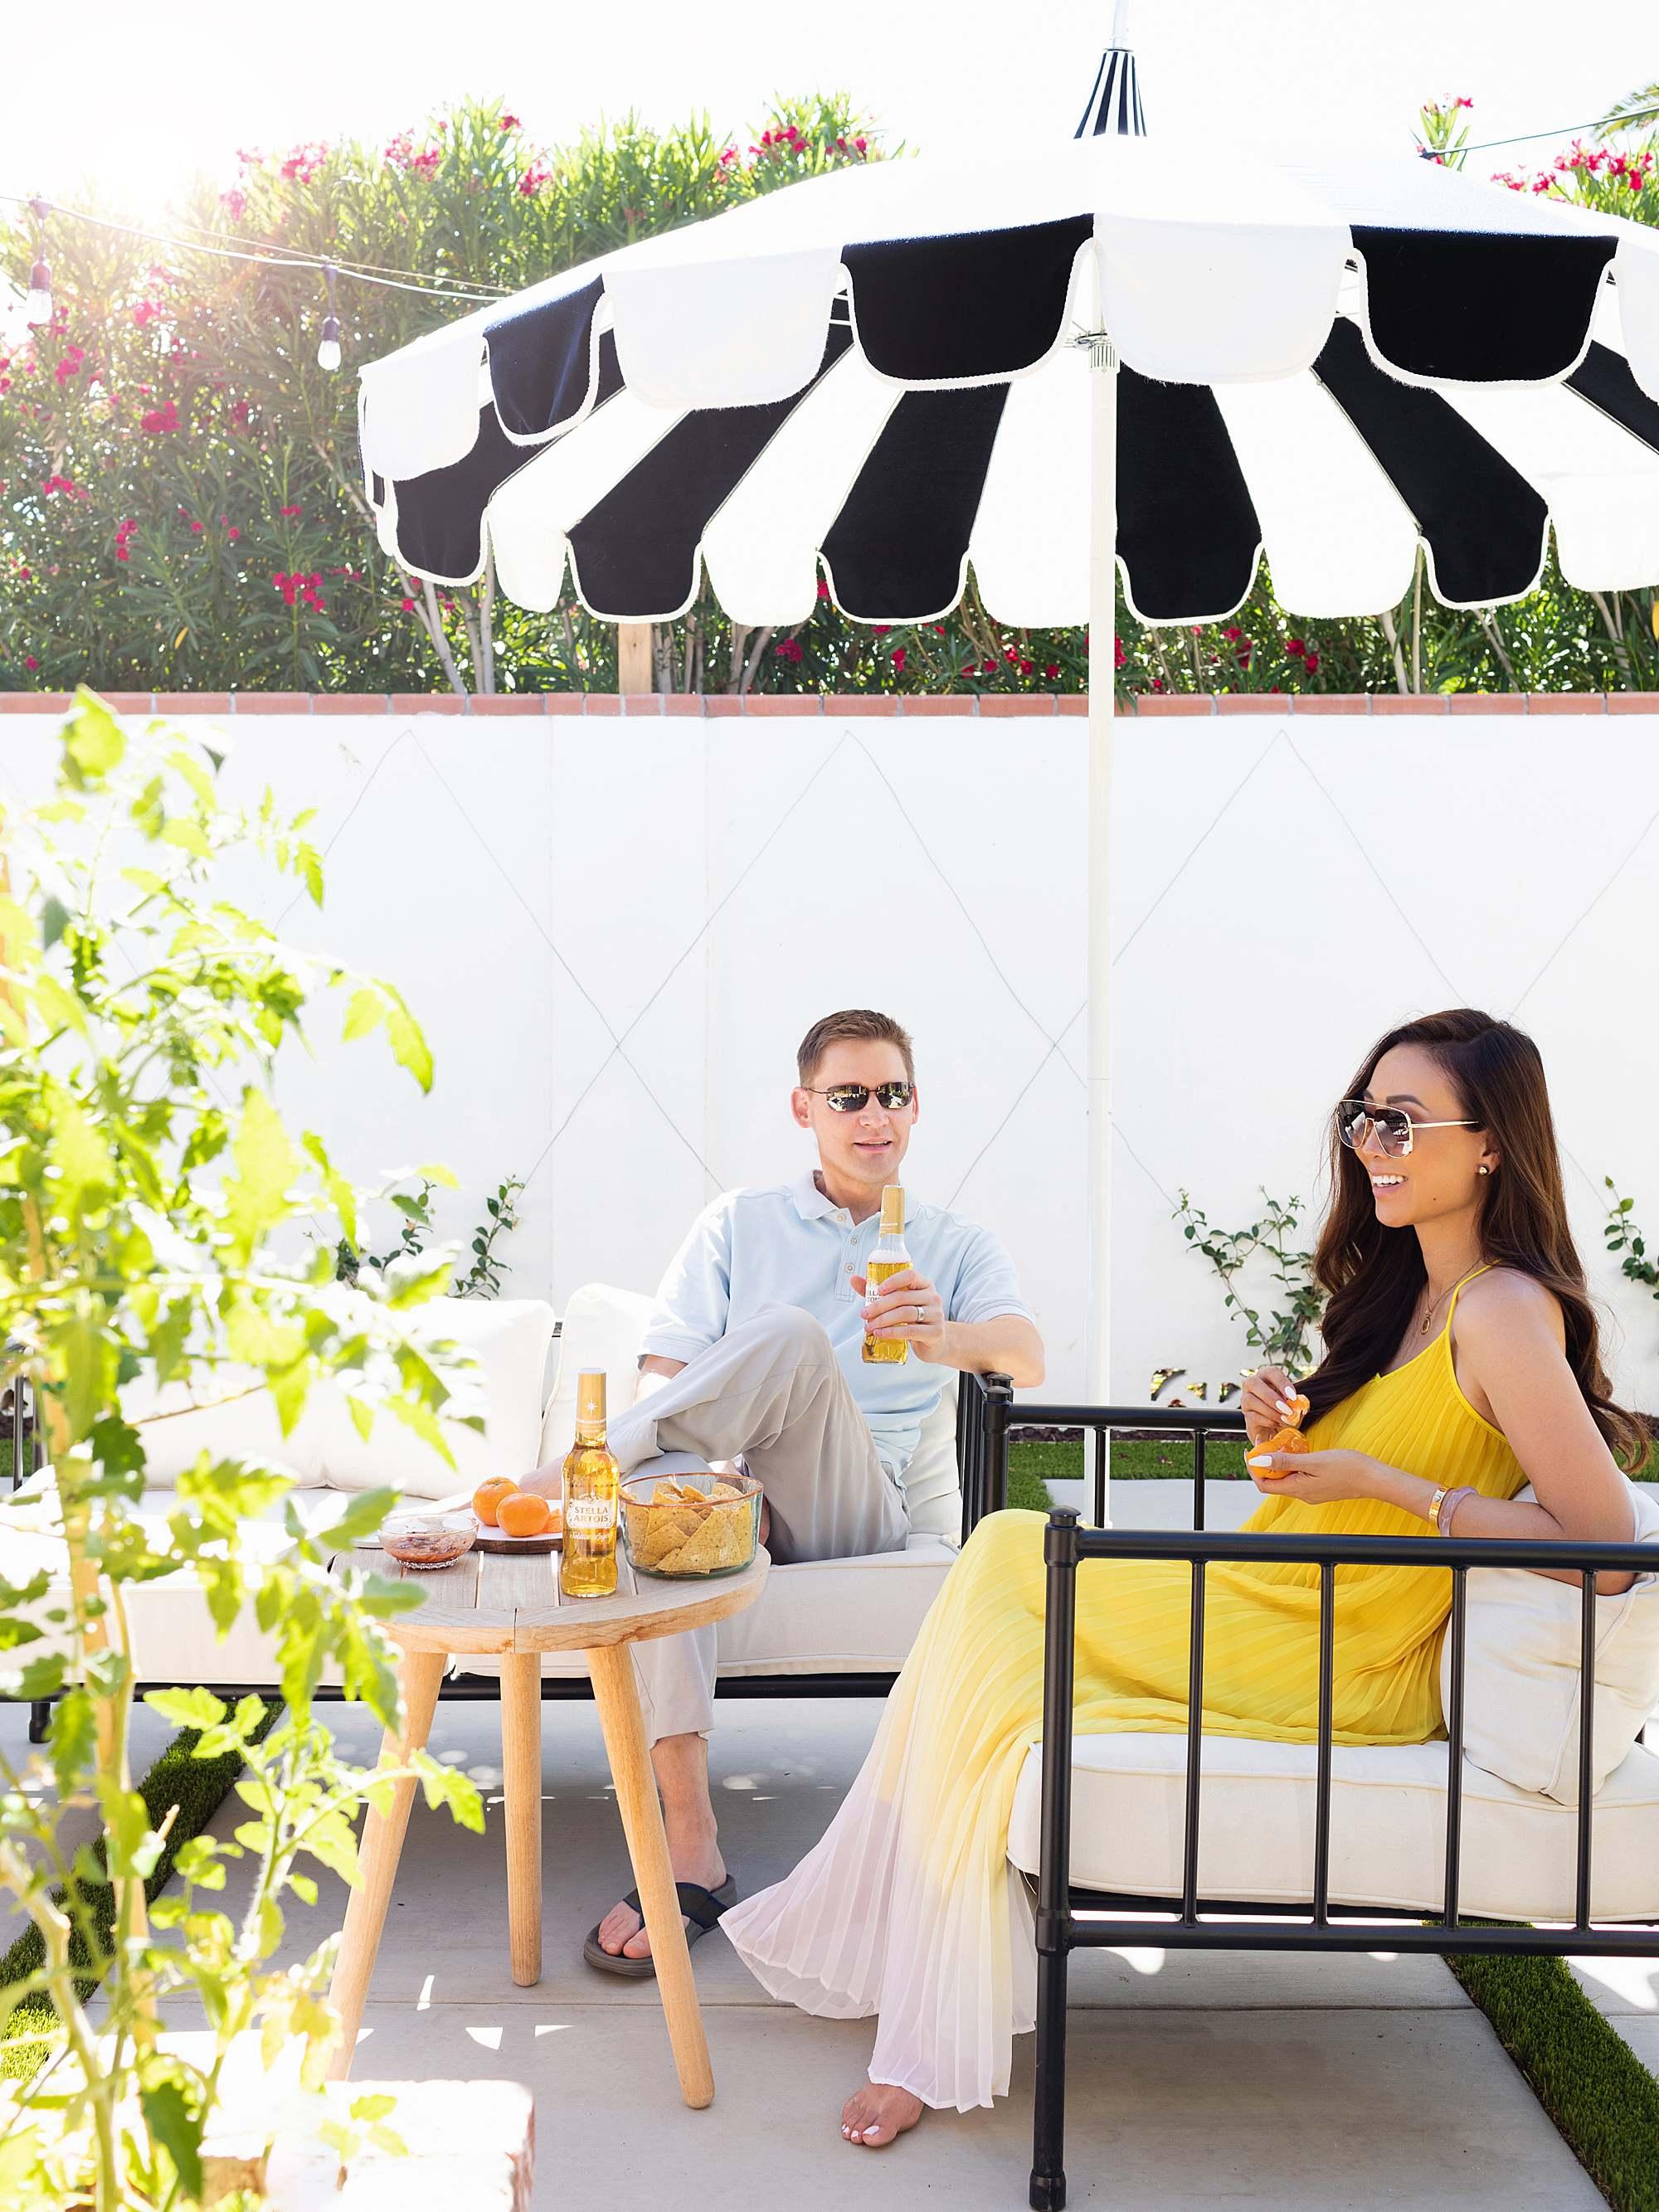 patio furniture outdoor color combinations diana elizabeth